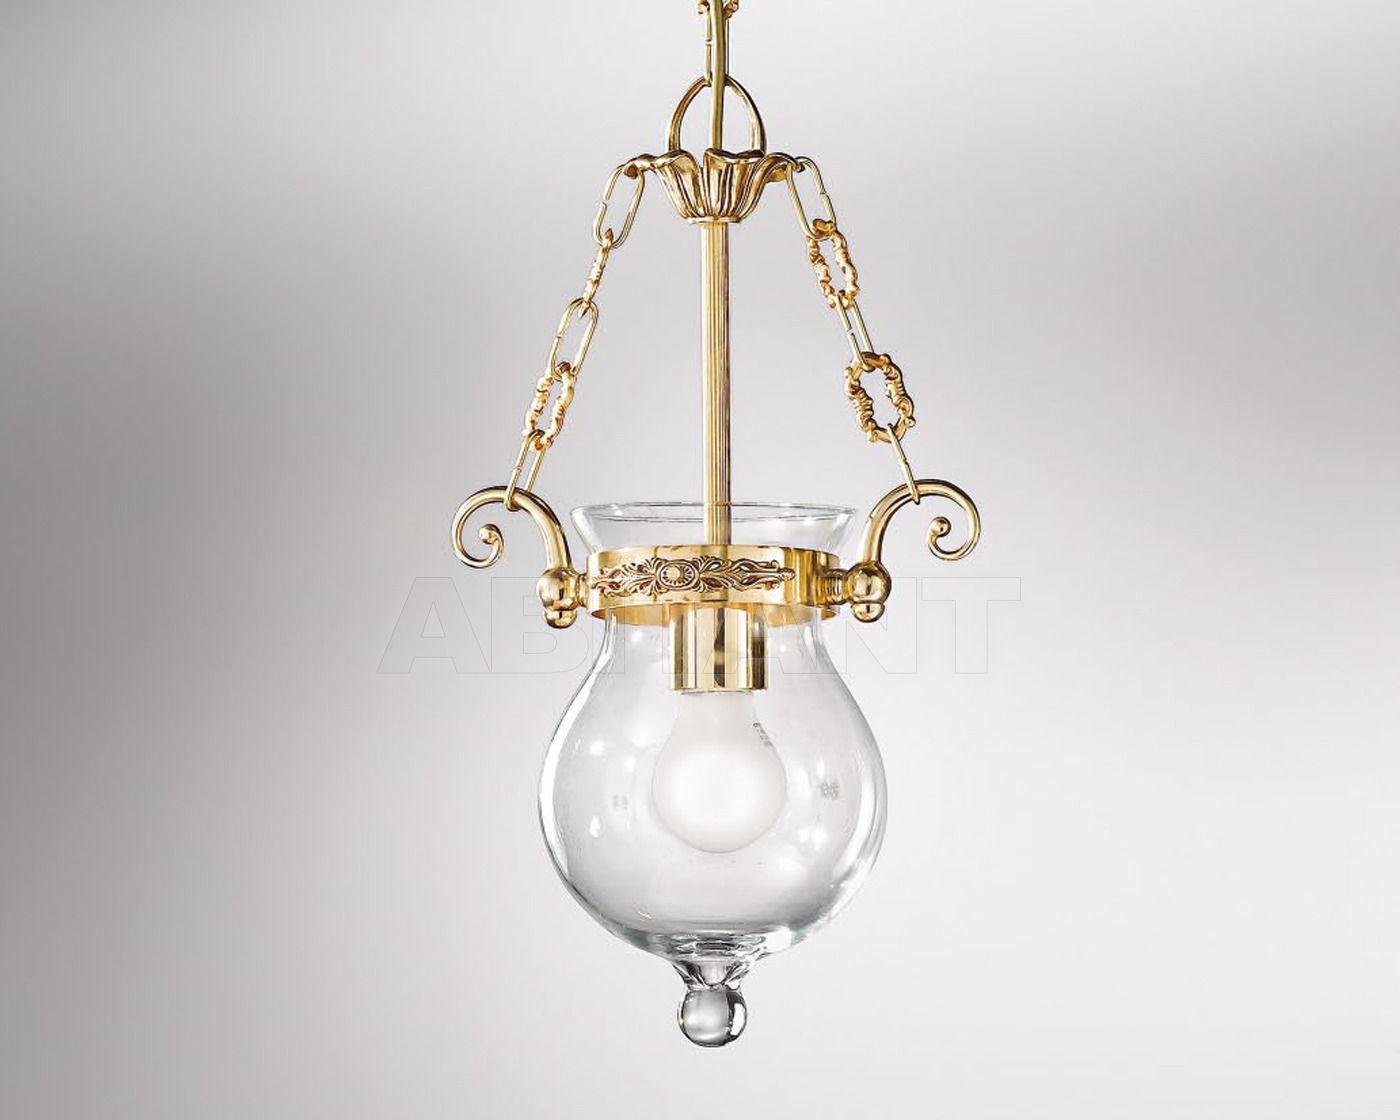 Купить Светильник Nervilamp Snc Nervilamp 2013 L06/1